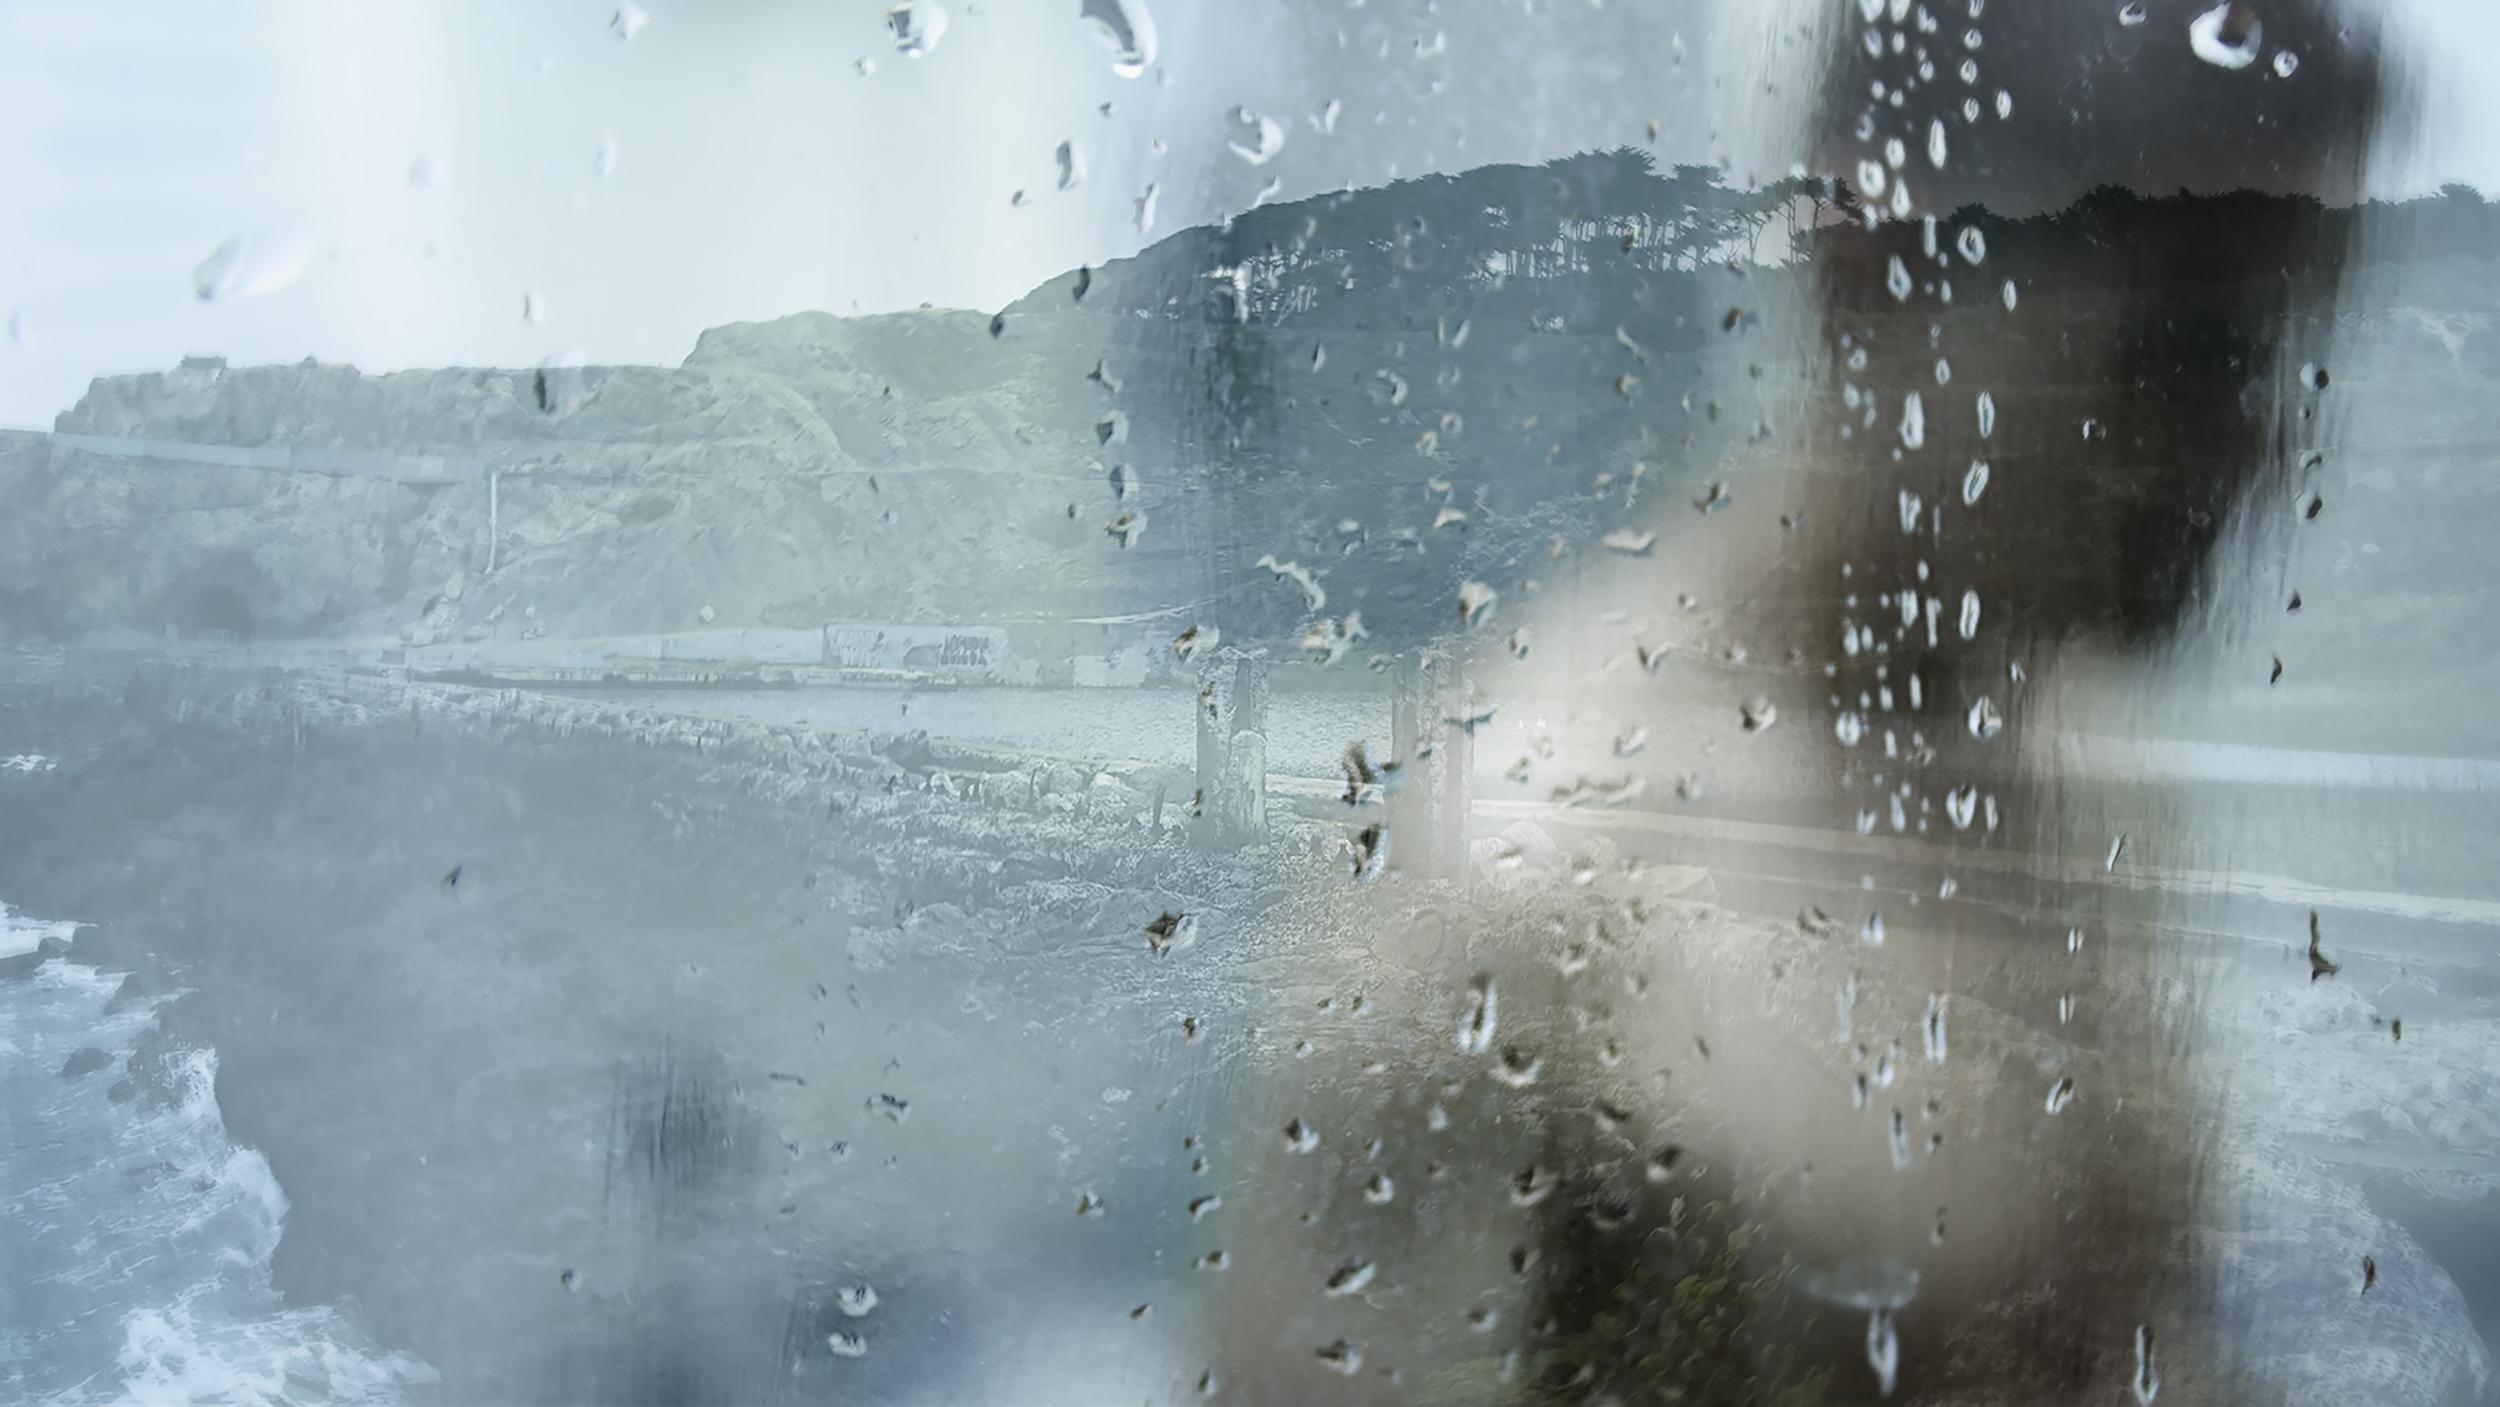 Image_9_Fortunato_J_Sutro Baths_May2_Final_Master_CROP_BKPT_Sharpen.jpg